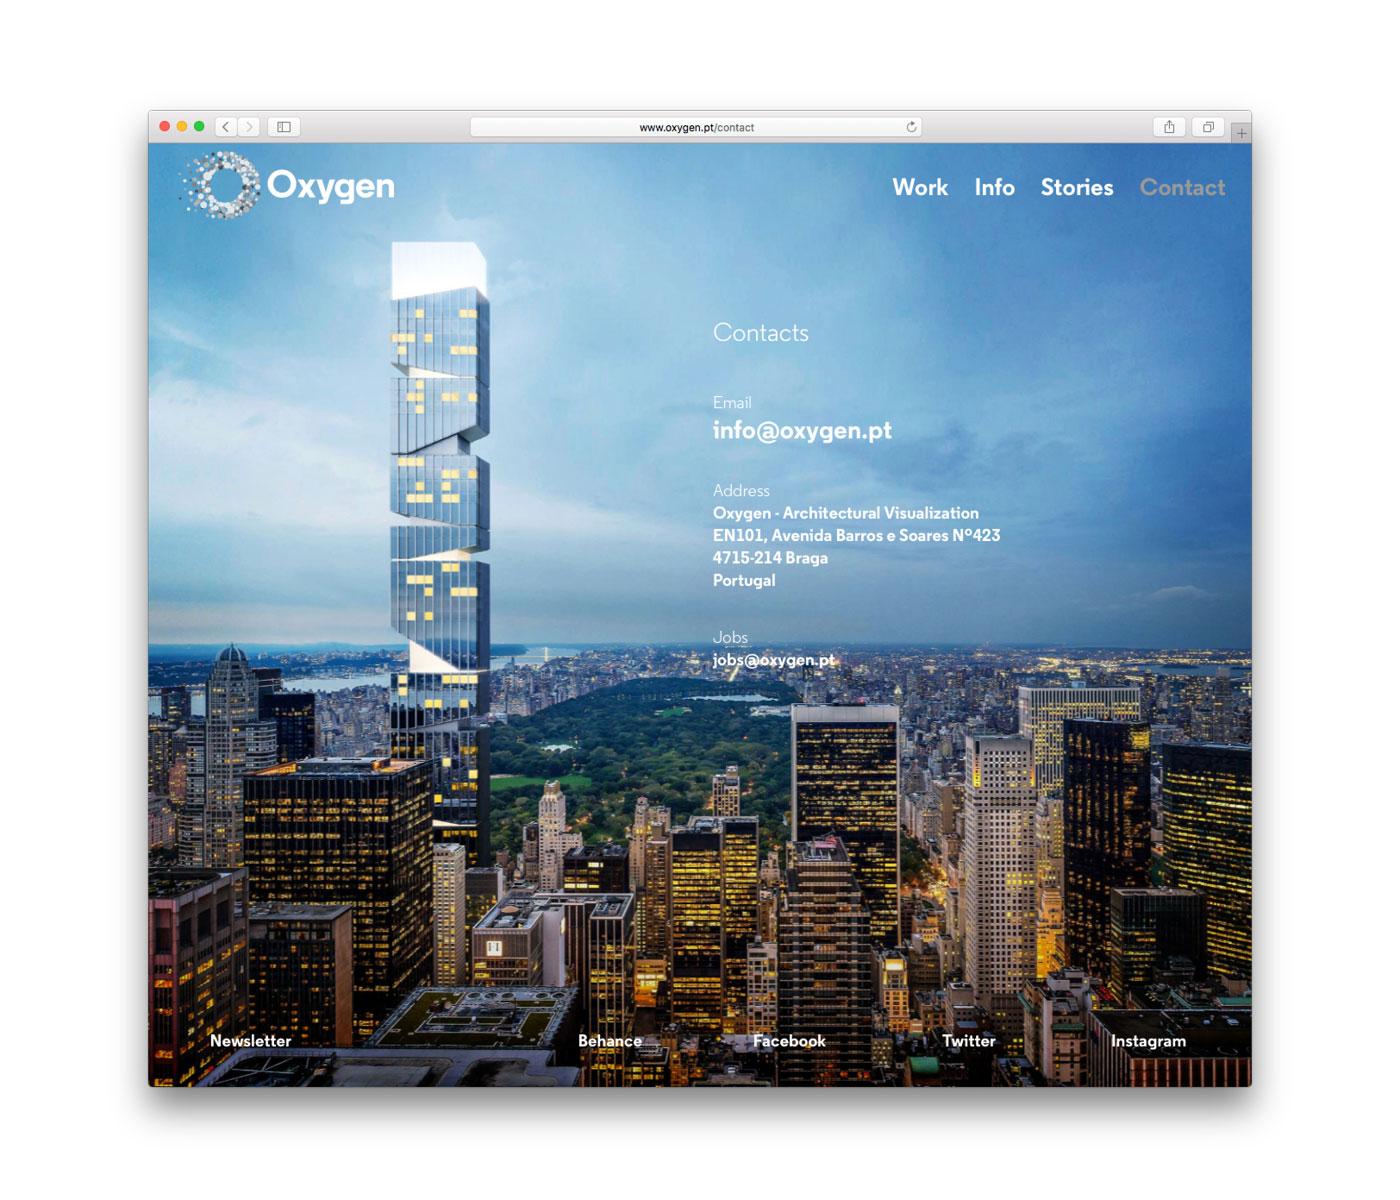 008_oxygen_web_0007_7